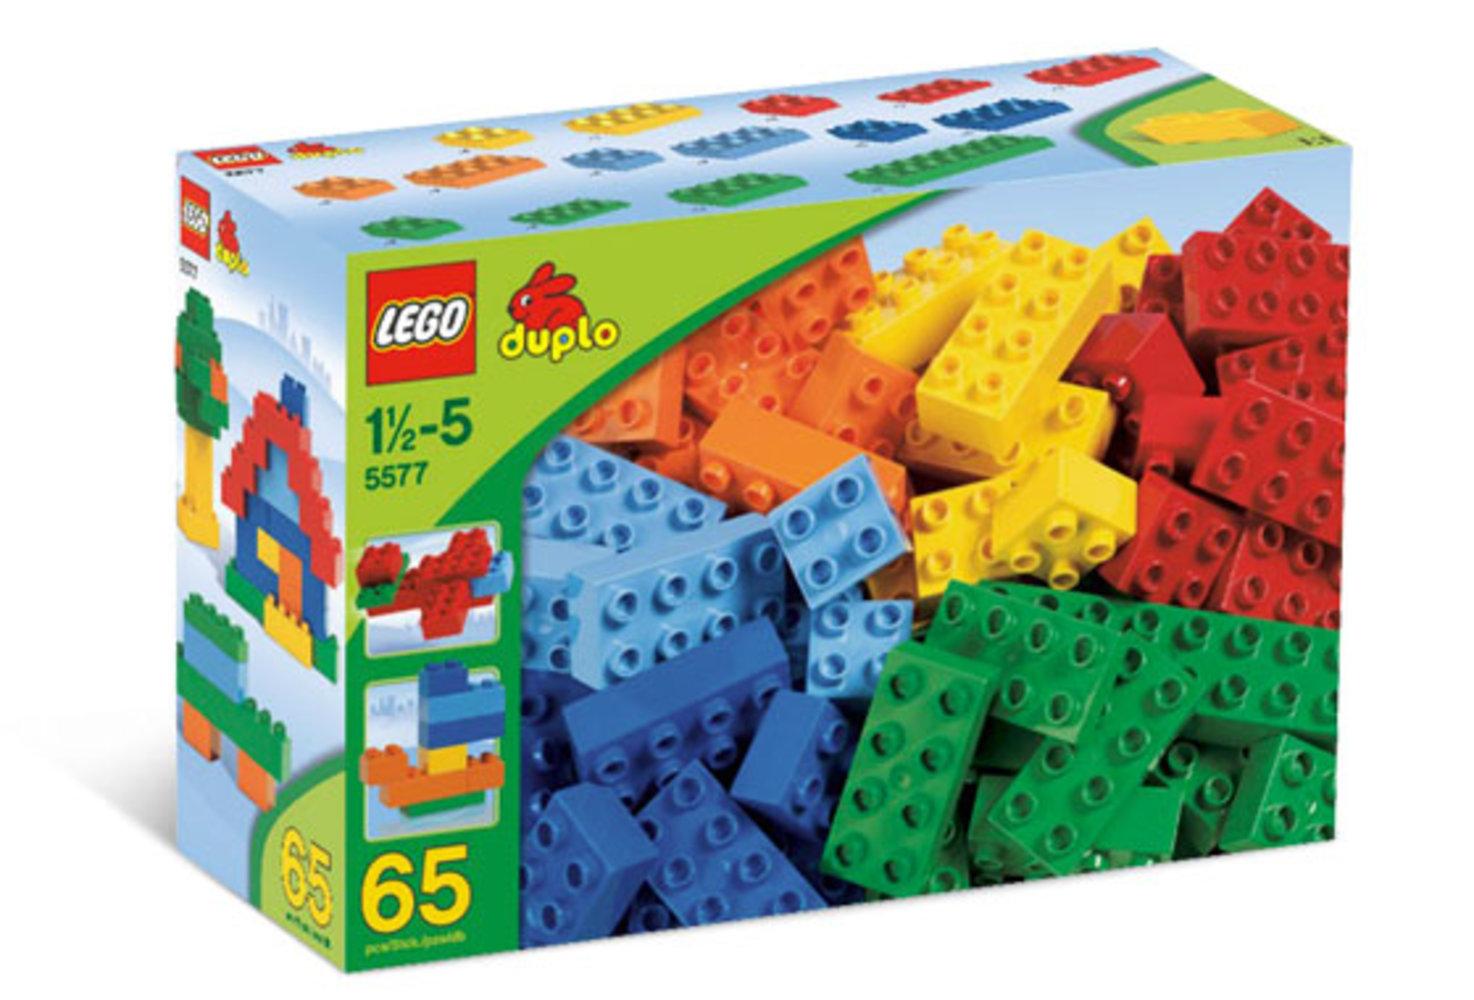 Basic Bricks - Large